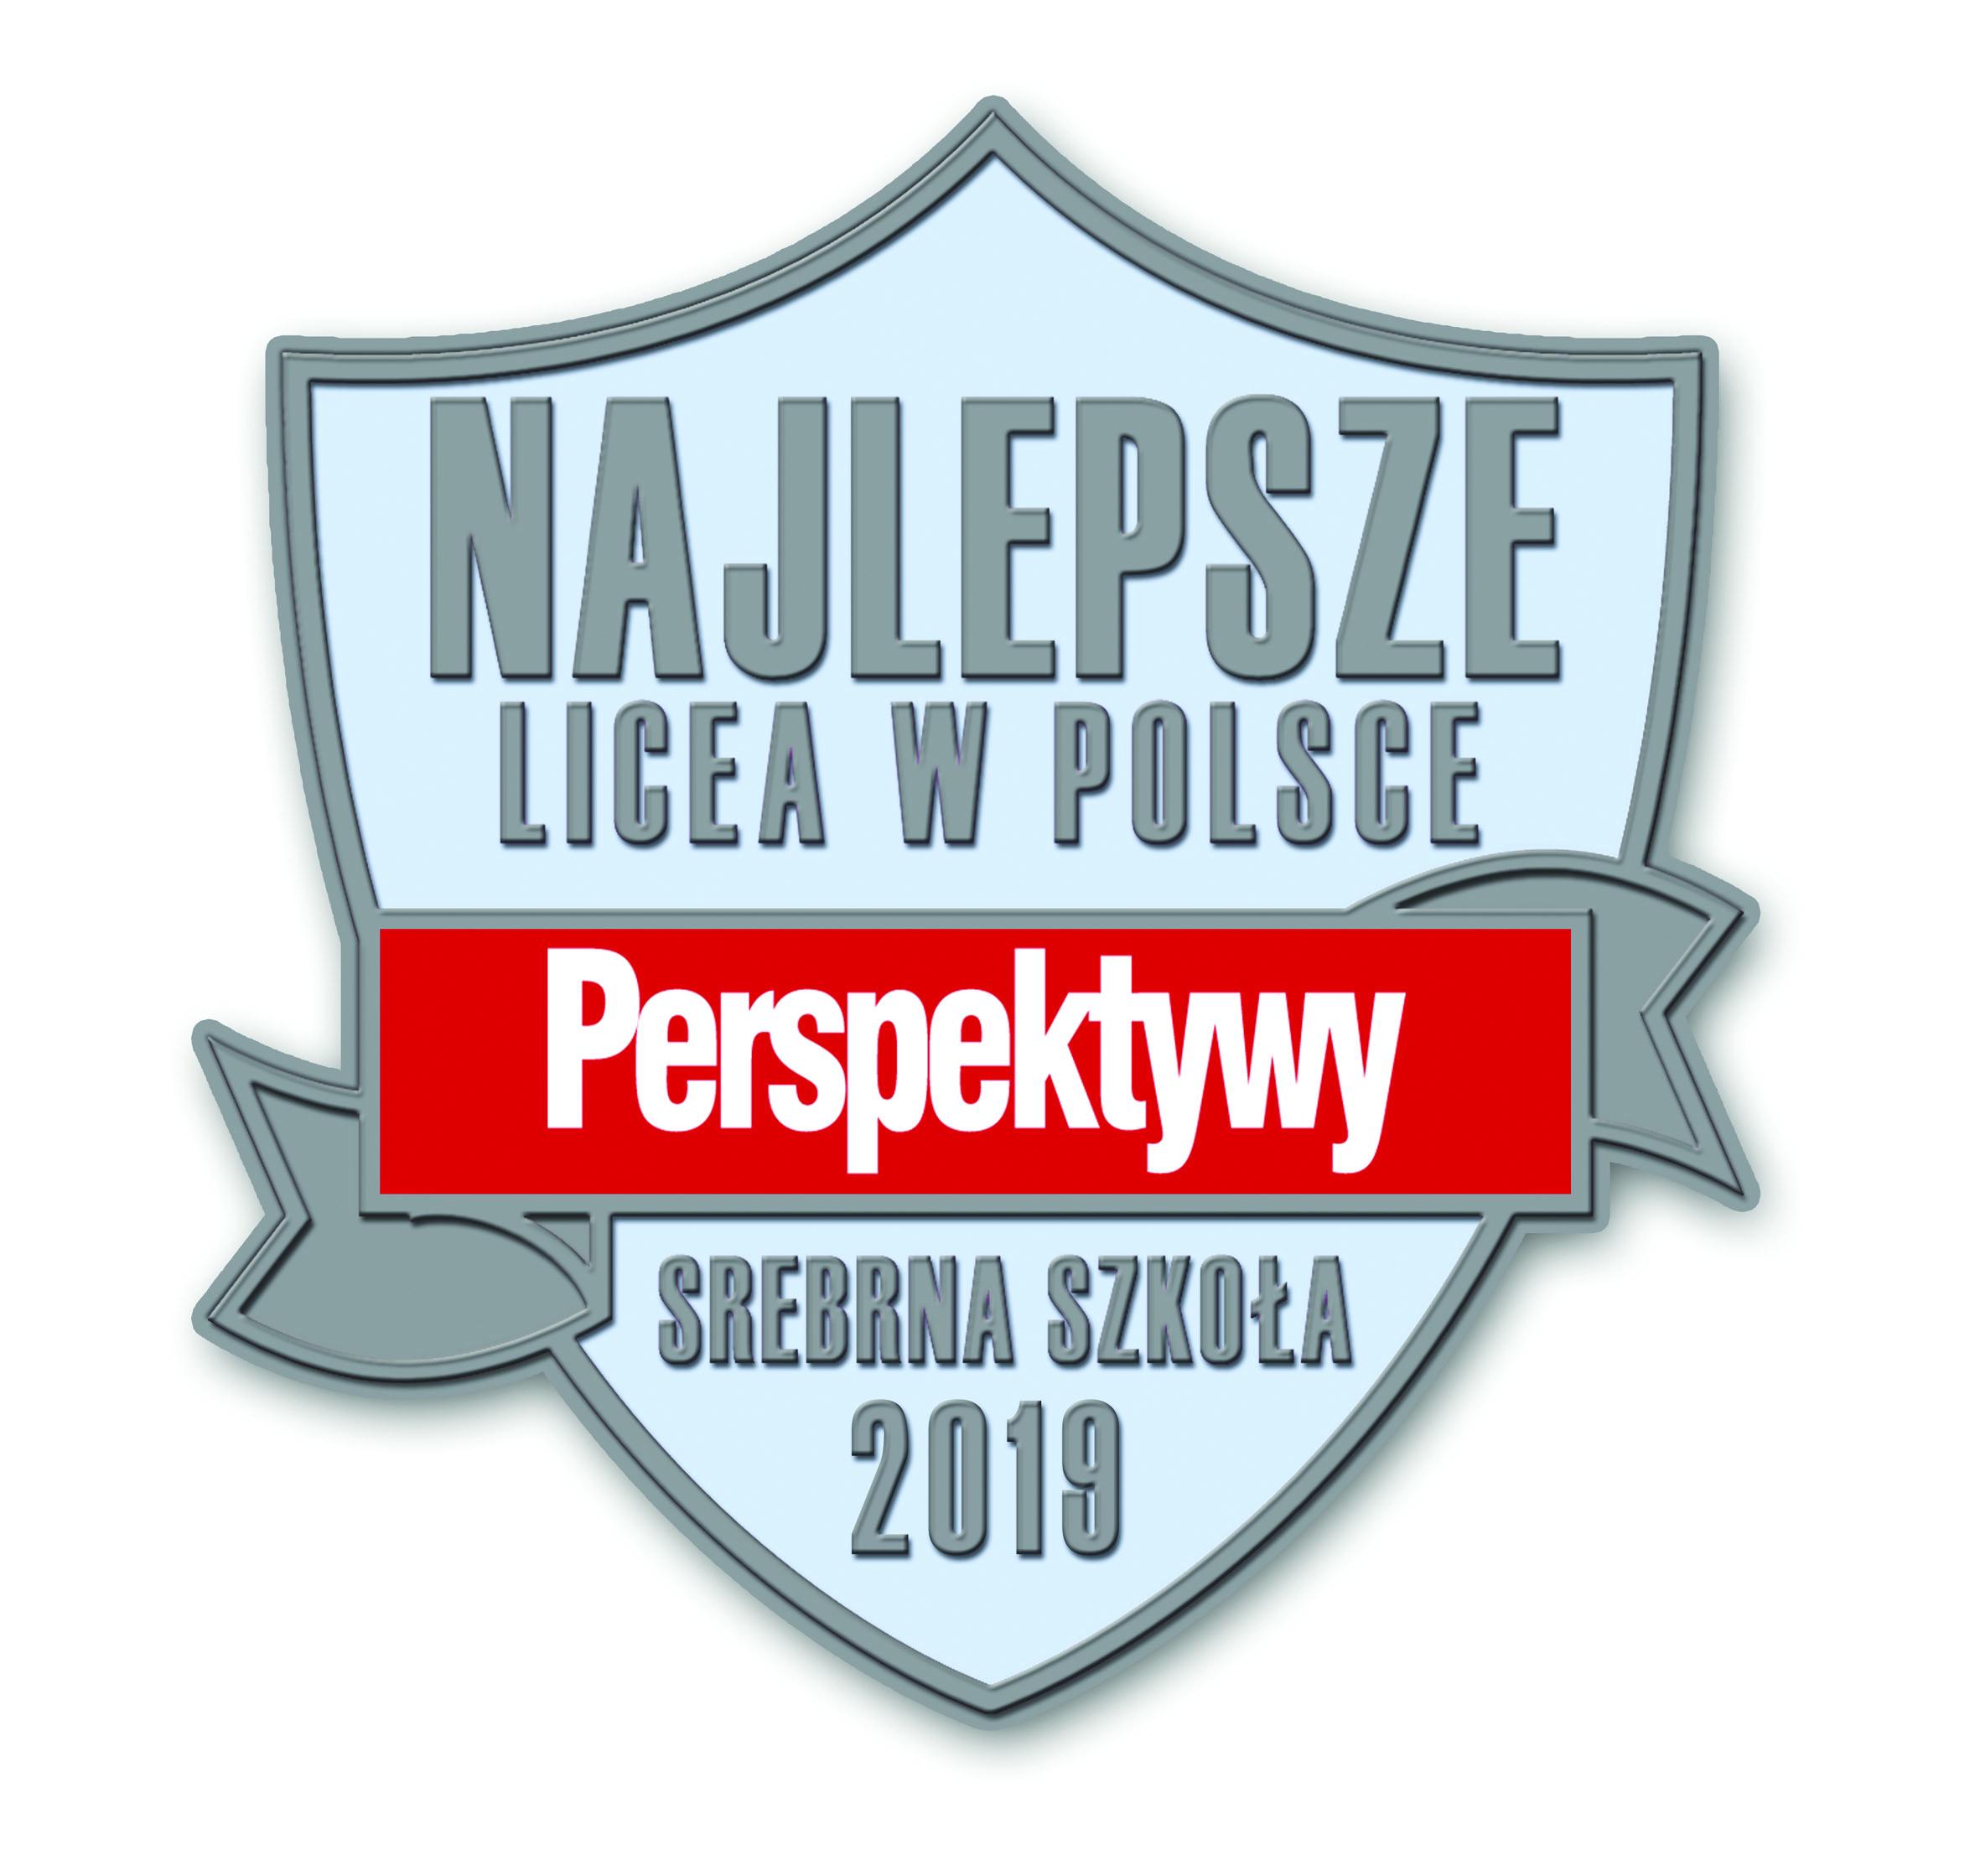 Najlepsze licea w Polsce. Ranking Perspektywy 2019